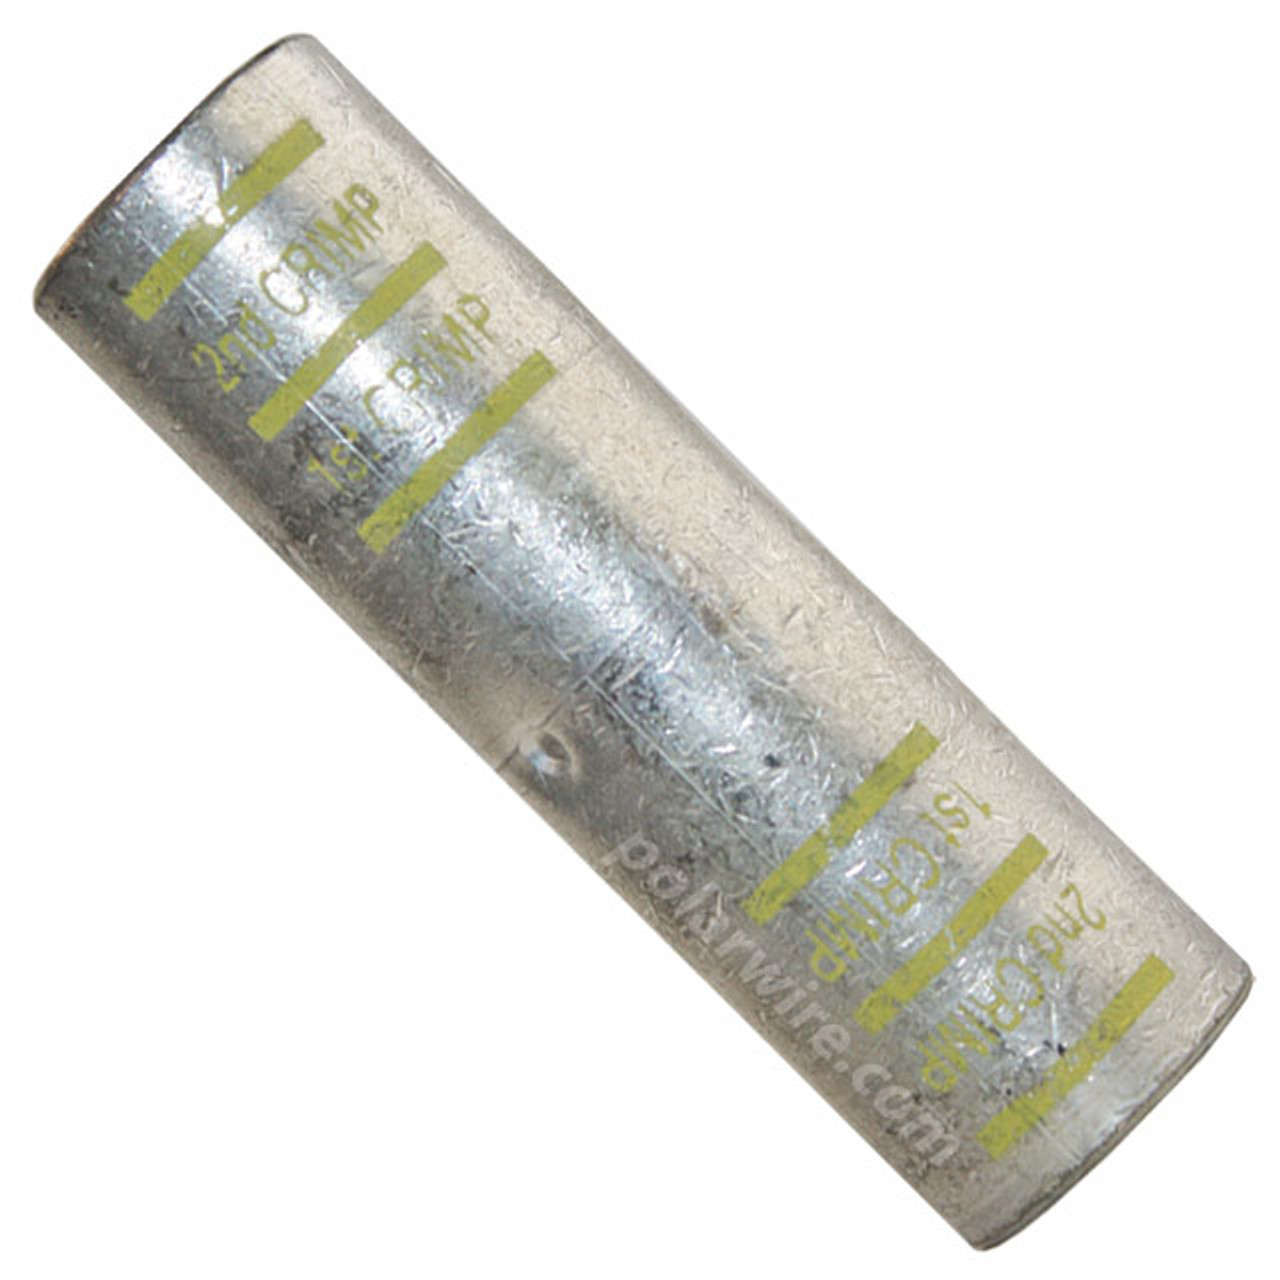 POWER SPLICE 4/0 YELLOW PLATED COPPER HEAVY DUTY